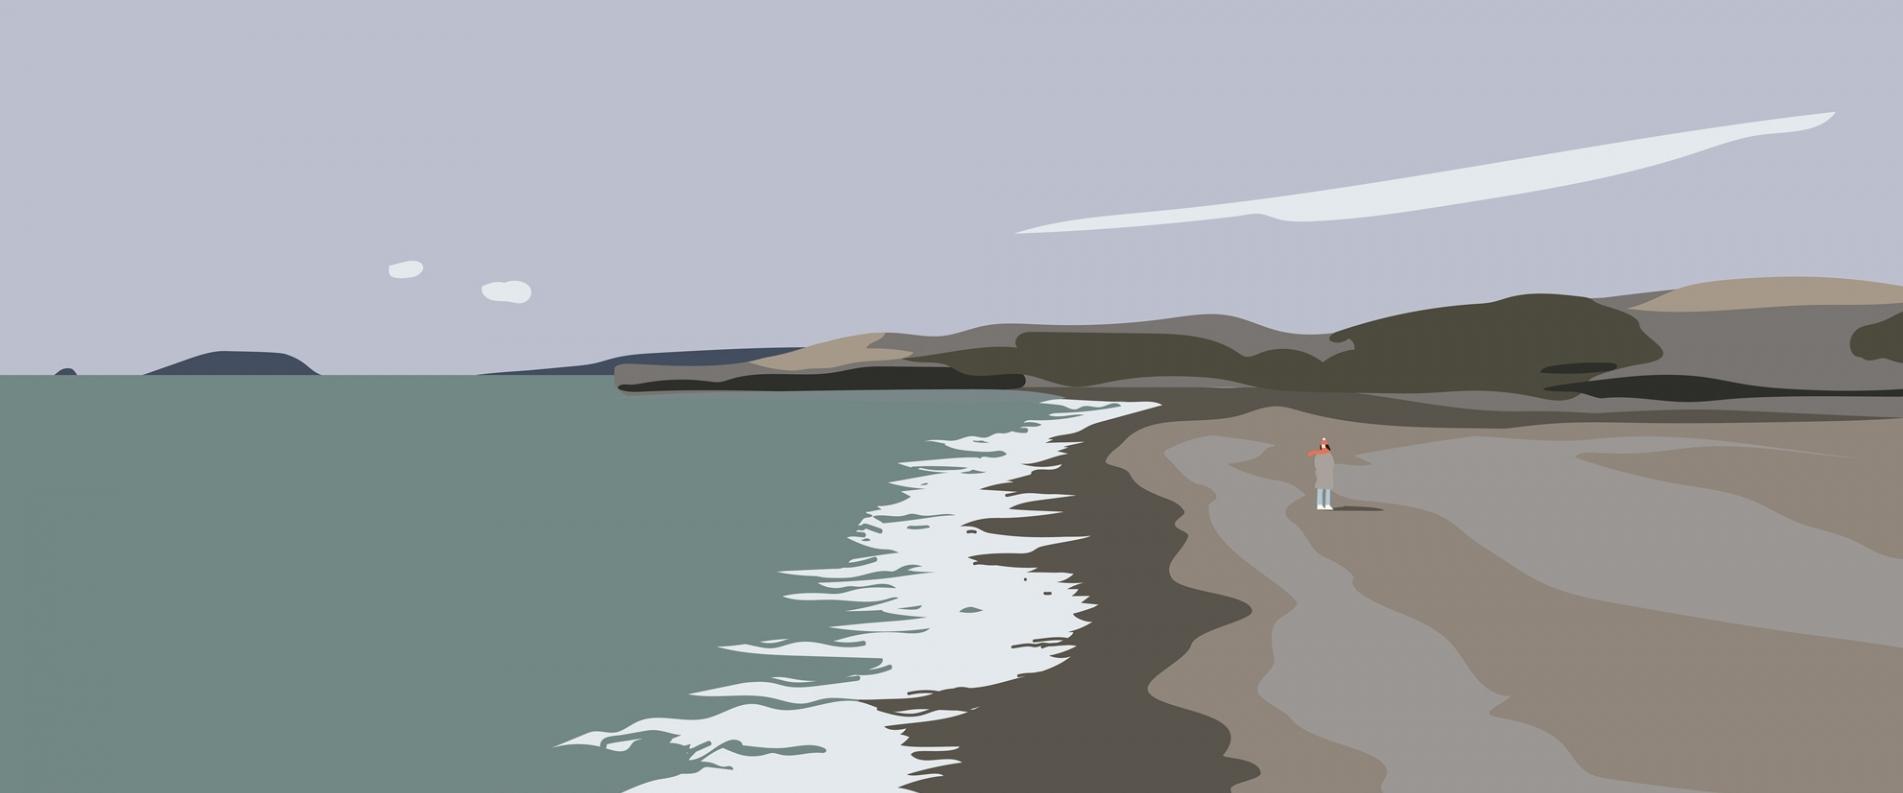 Десять идей для отдыха на пляже с ноября по май